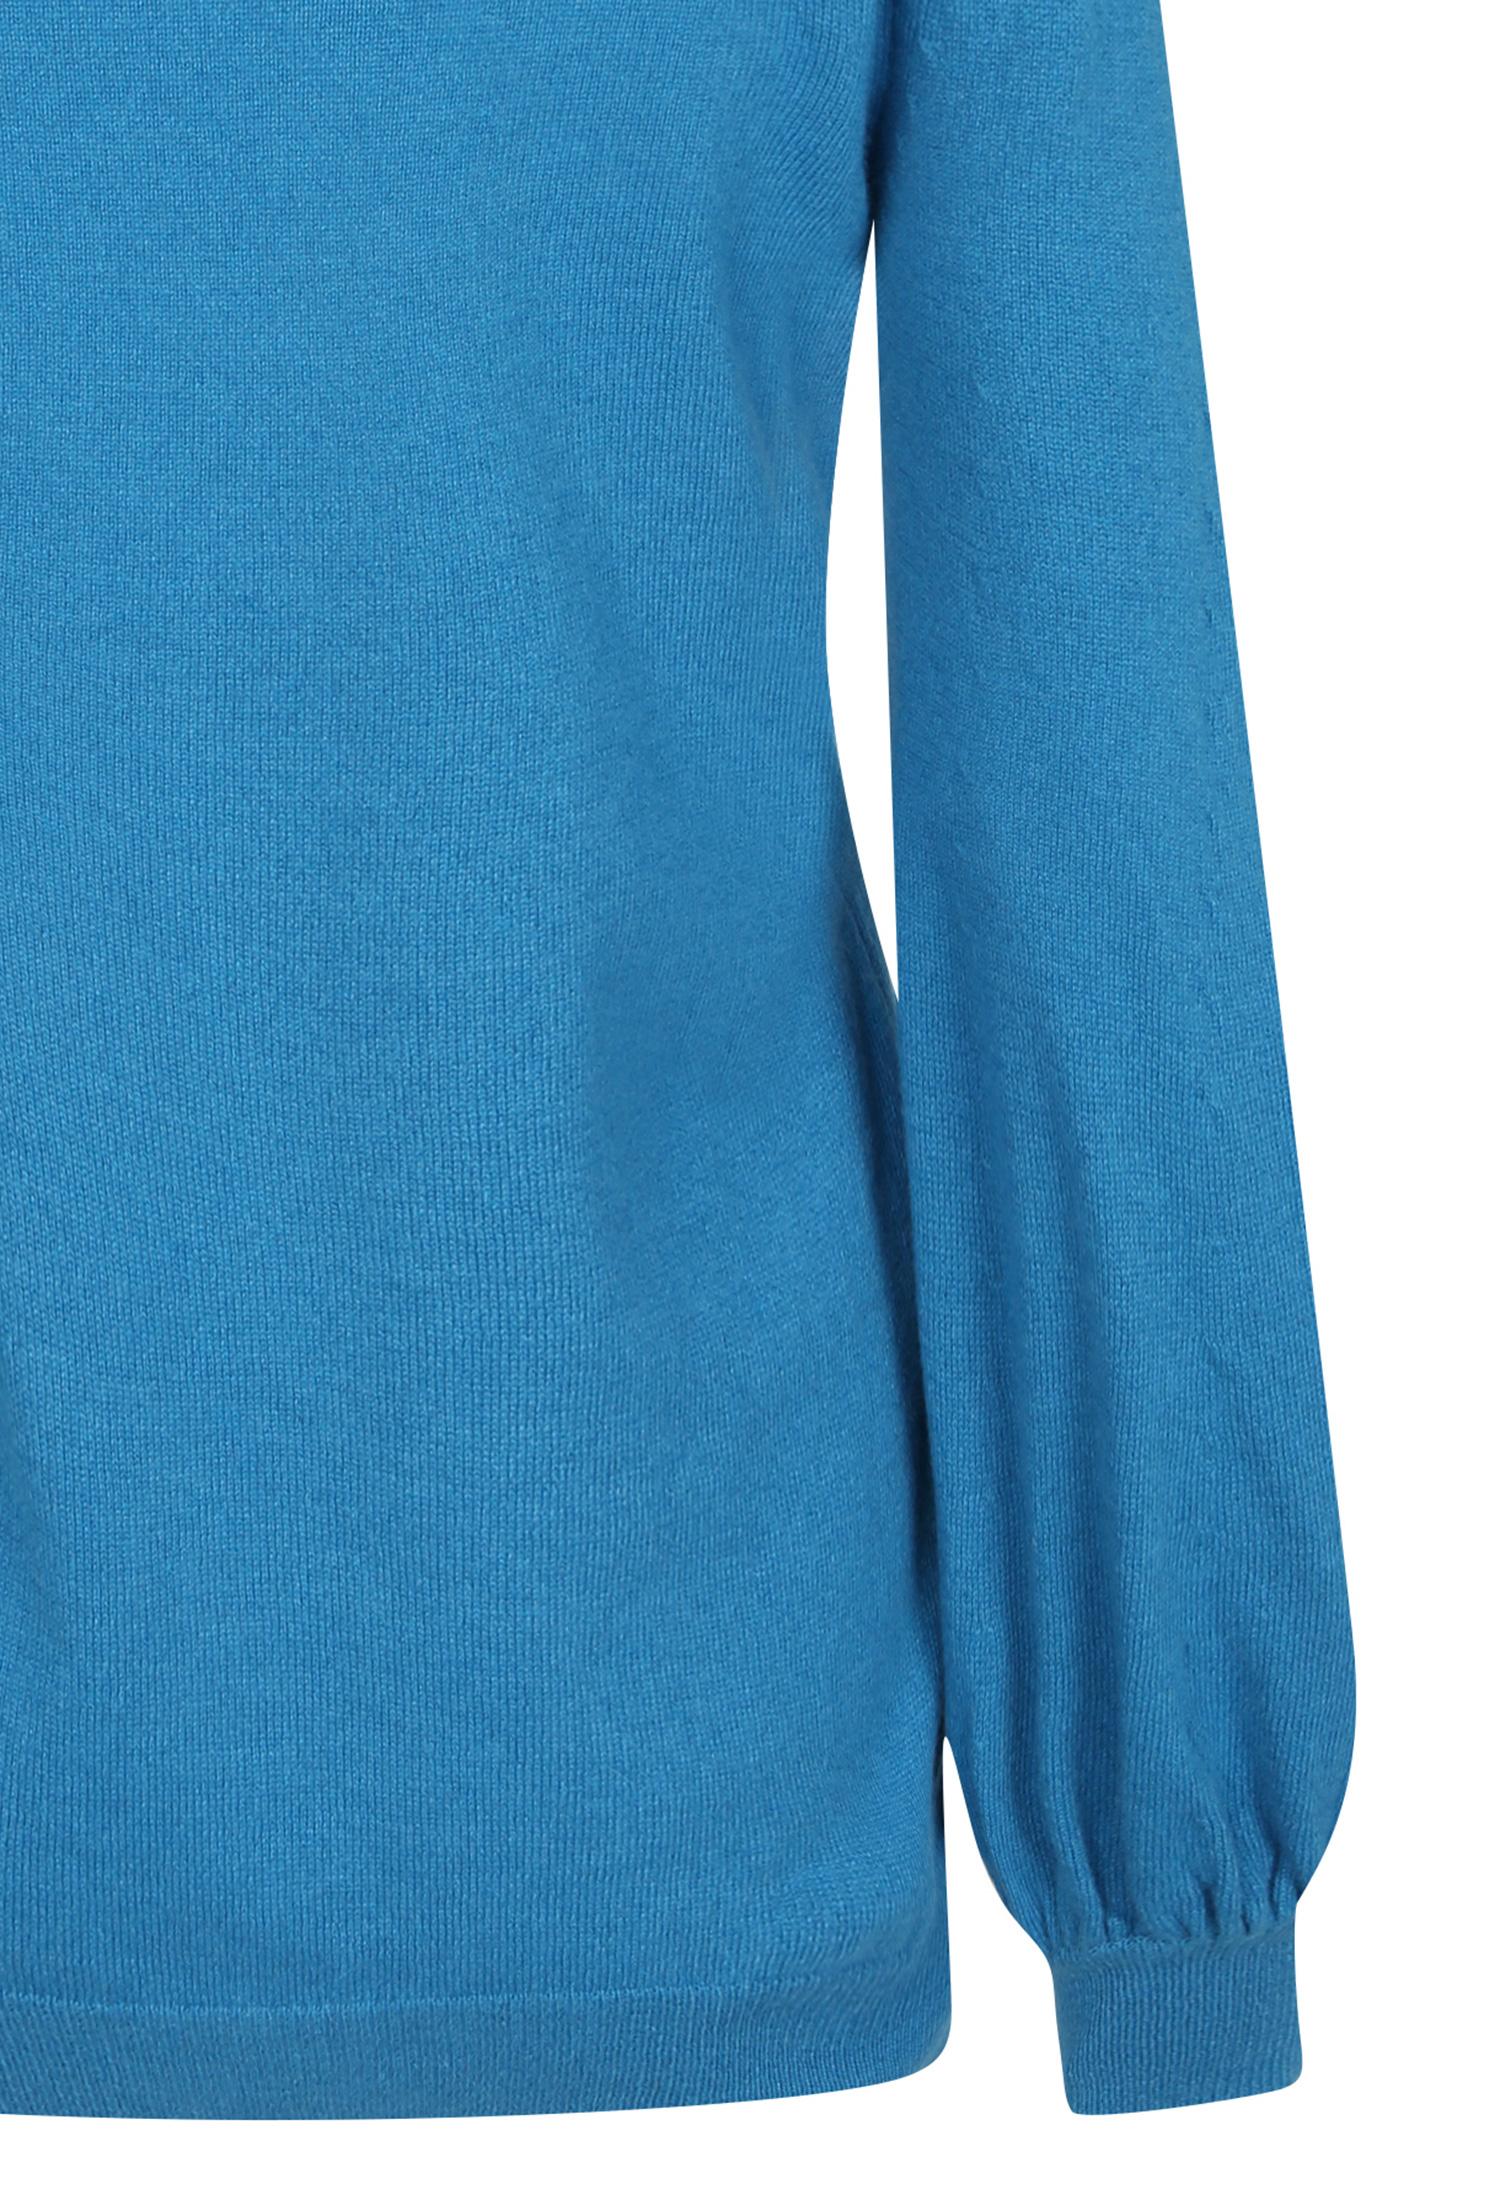 캐시미어 벌룬핏 풀오버 니트 (BLUE)